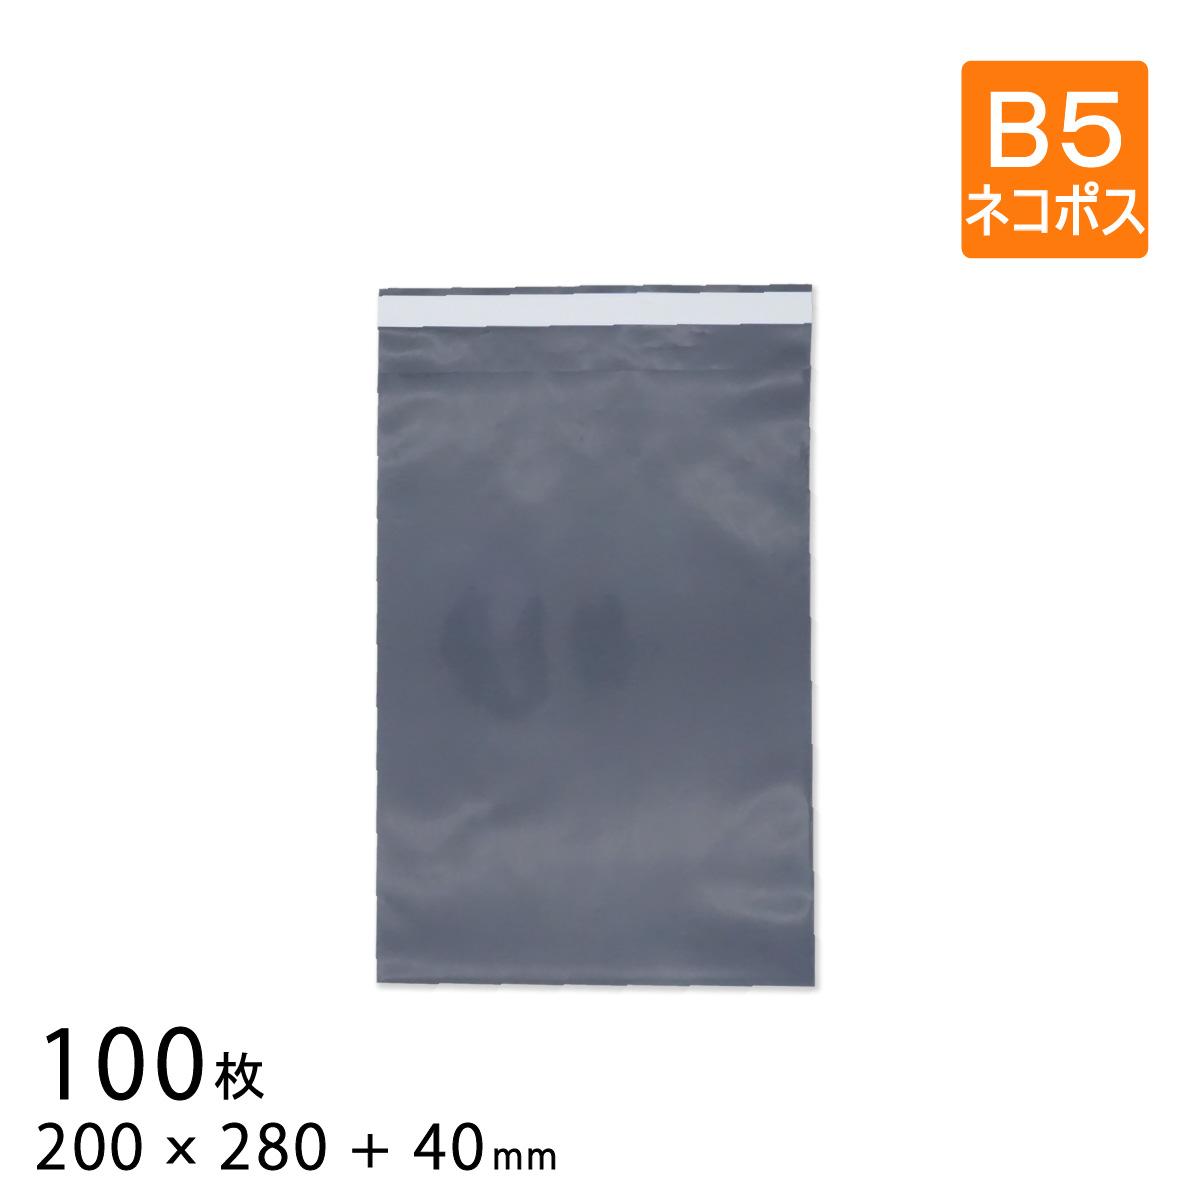 【100枚】宅配袋 ネコポス B5サイズ。アパレル(衣類)の梱包・発送に是非 宅配ビニール袋 幅200×高さ280+折り返し40mm ネコポス/B5 厚さ0.09mm ぷちぷちや最厚手 グレー色 100枚